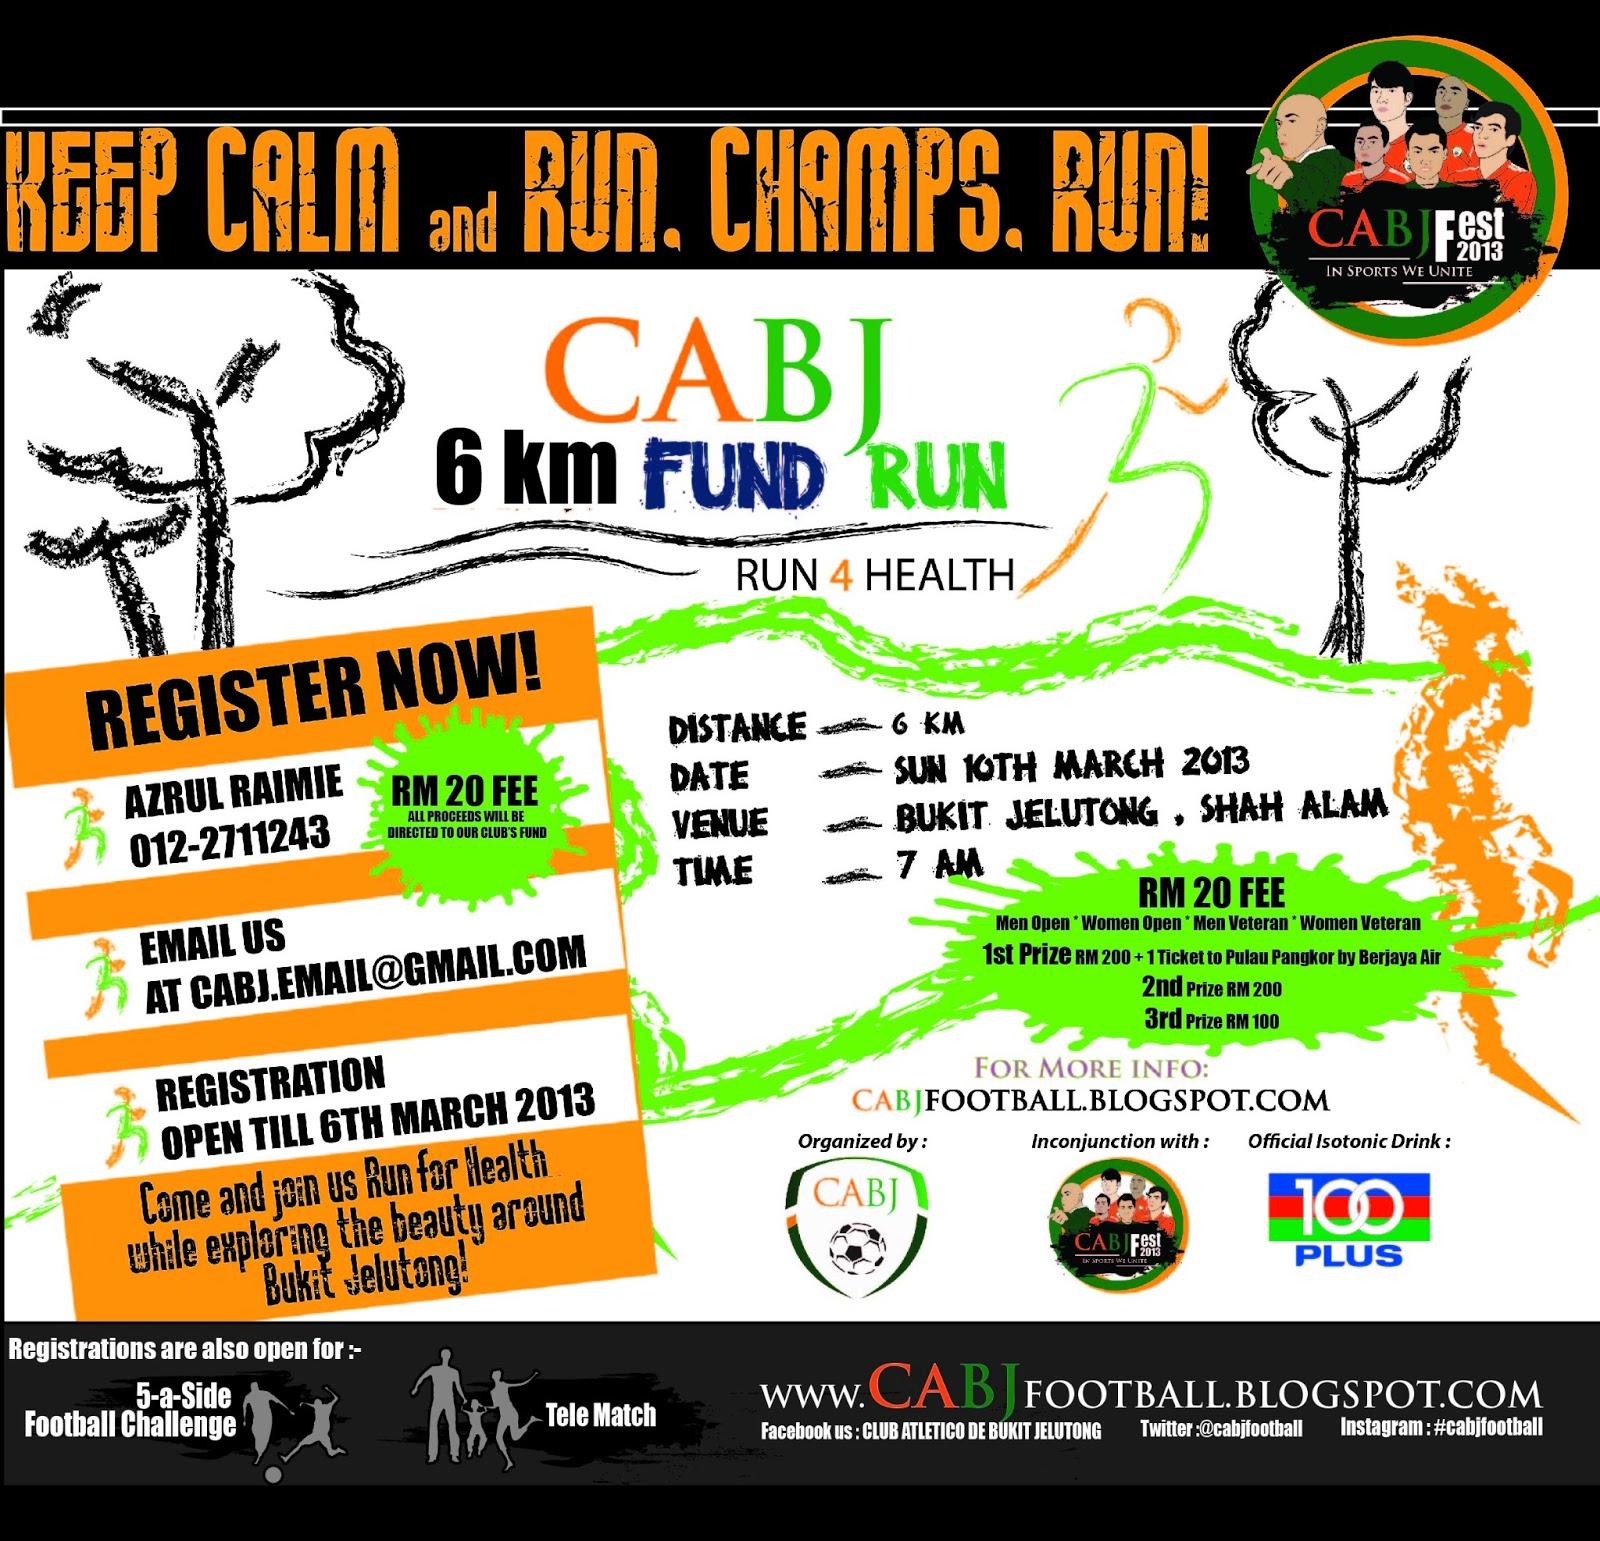 CABJ FEST 2013: Fundraising Run